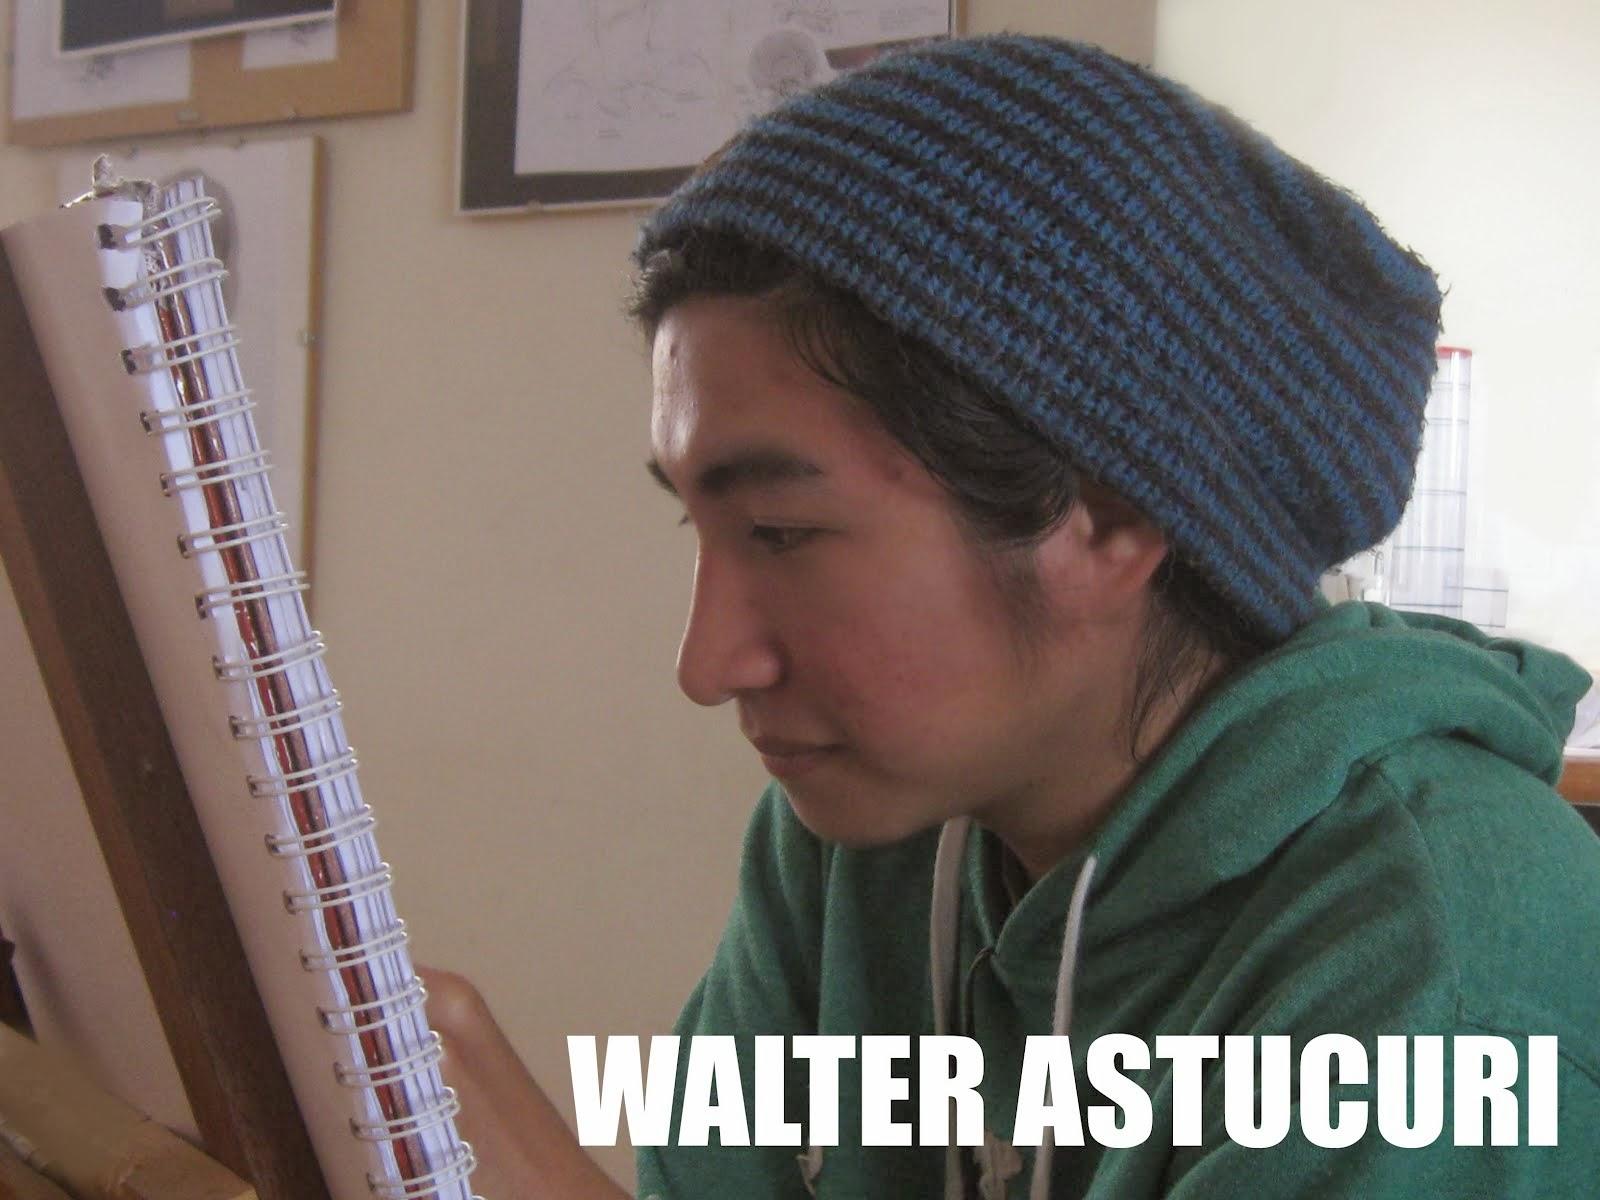 WALTER ASTUCURI